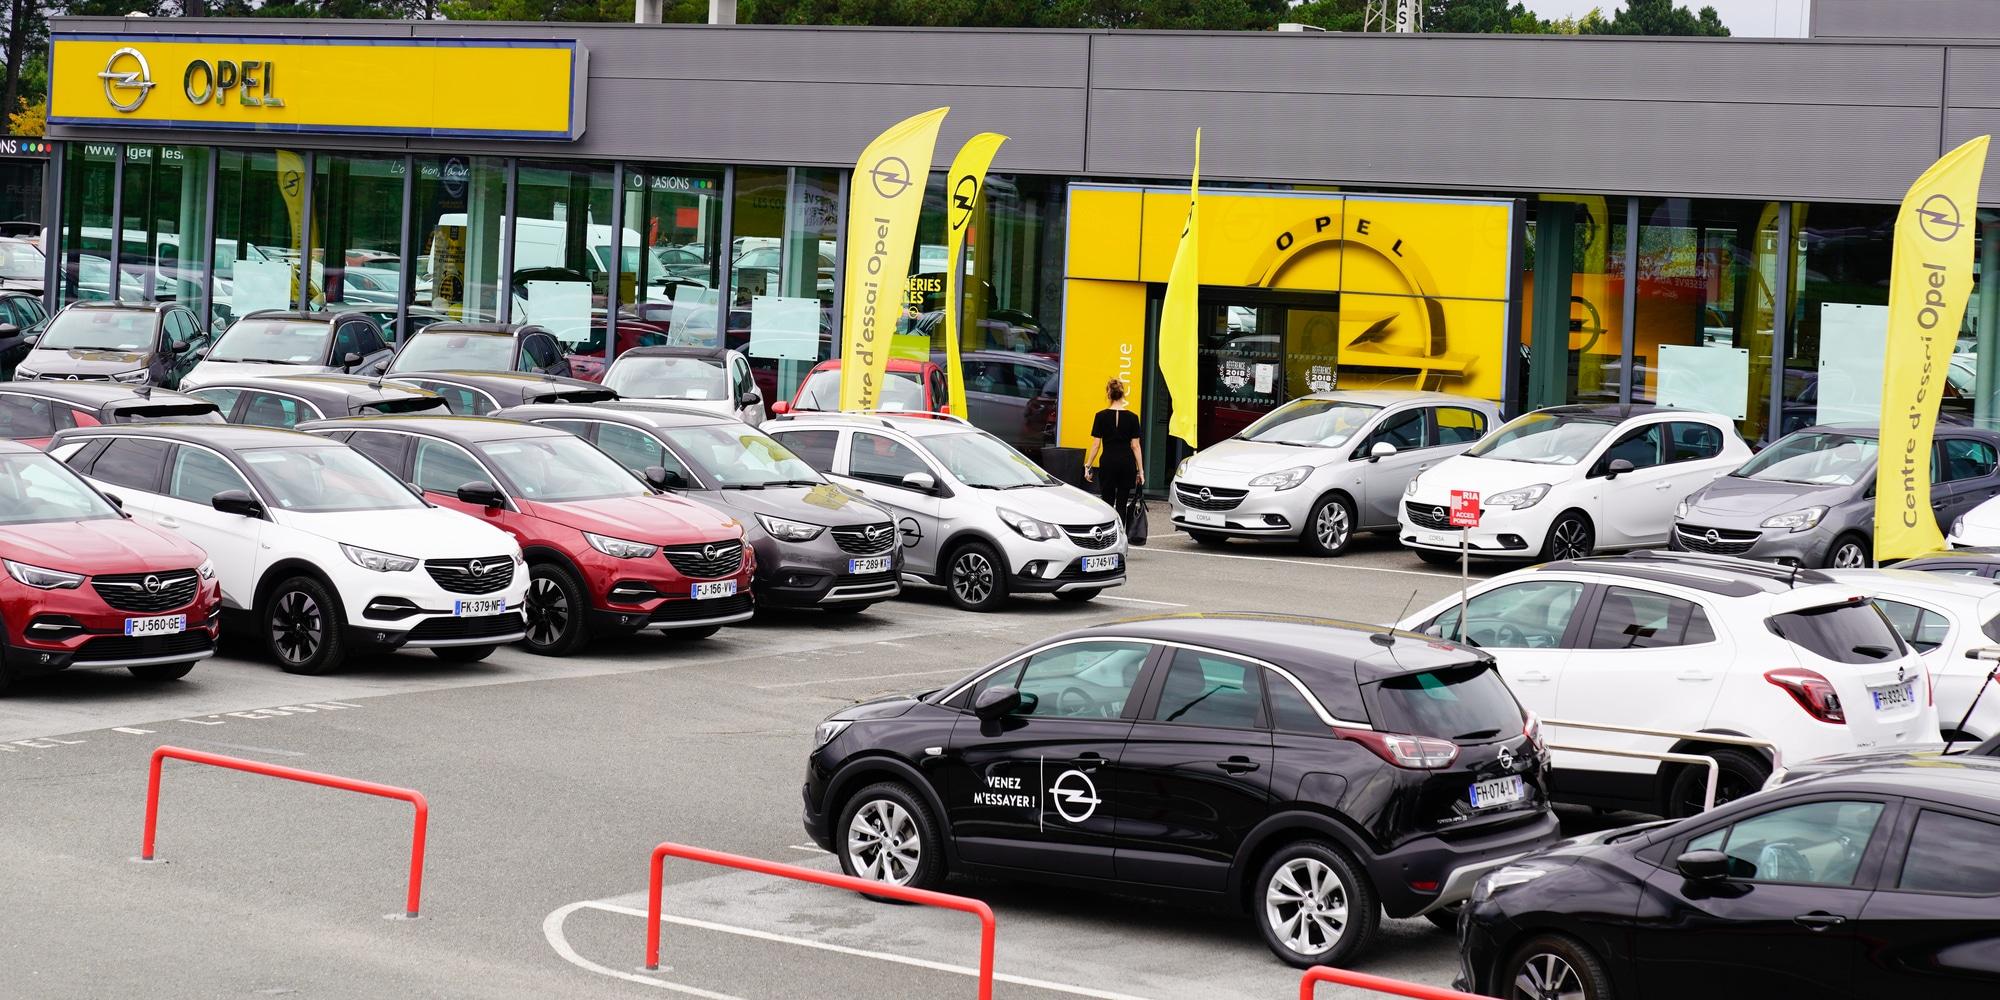 Все, что нужно знать о возвращении Opel в Россию: спрашиваем у экспертов